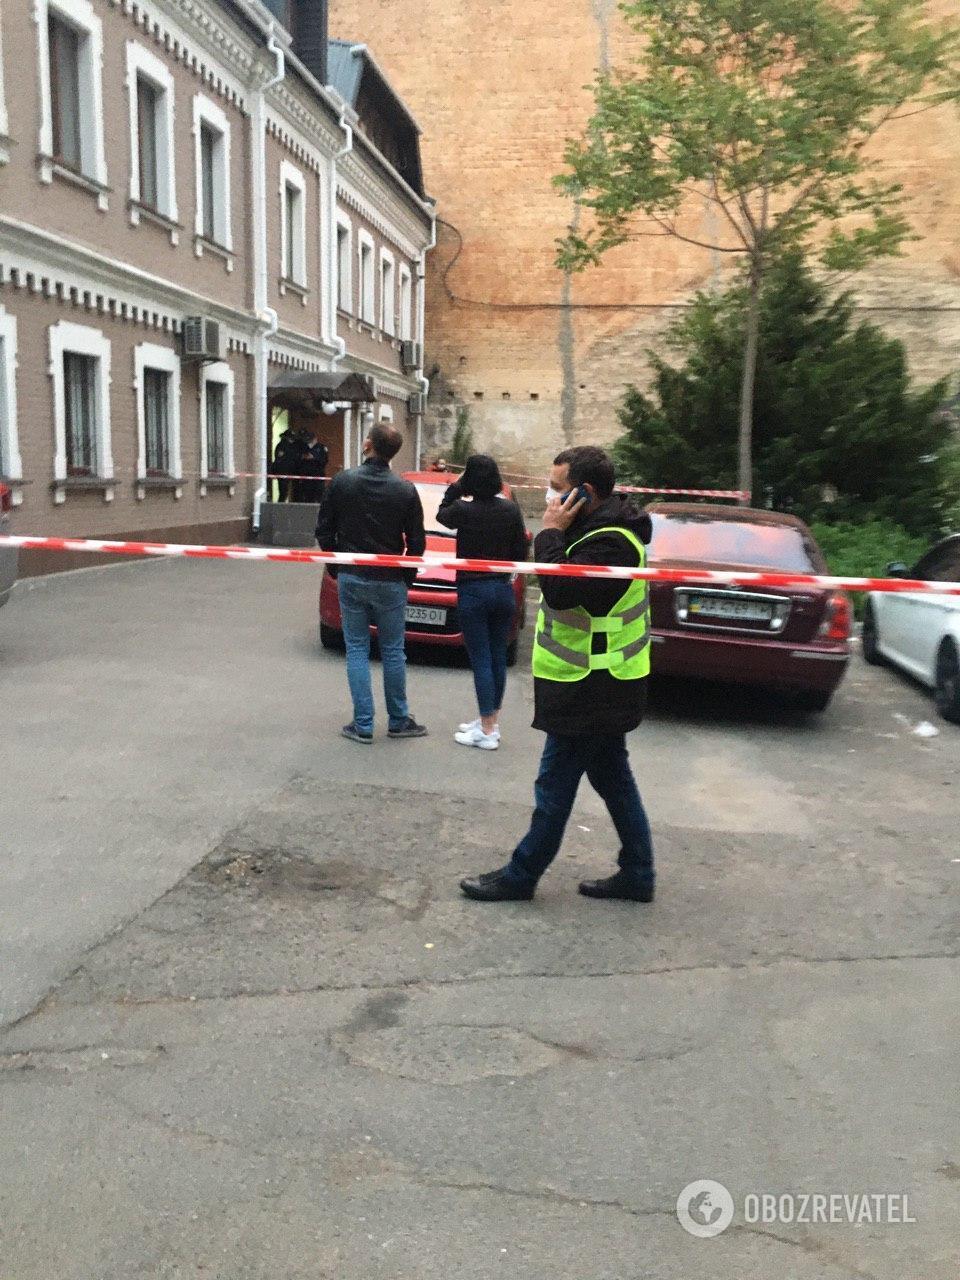 Тіло знайшли в туалеті: в МВС підтвердили смерть нардепа Давиденка